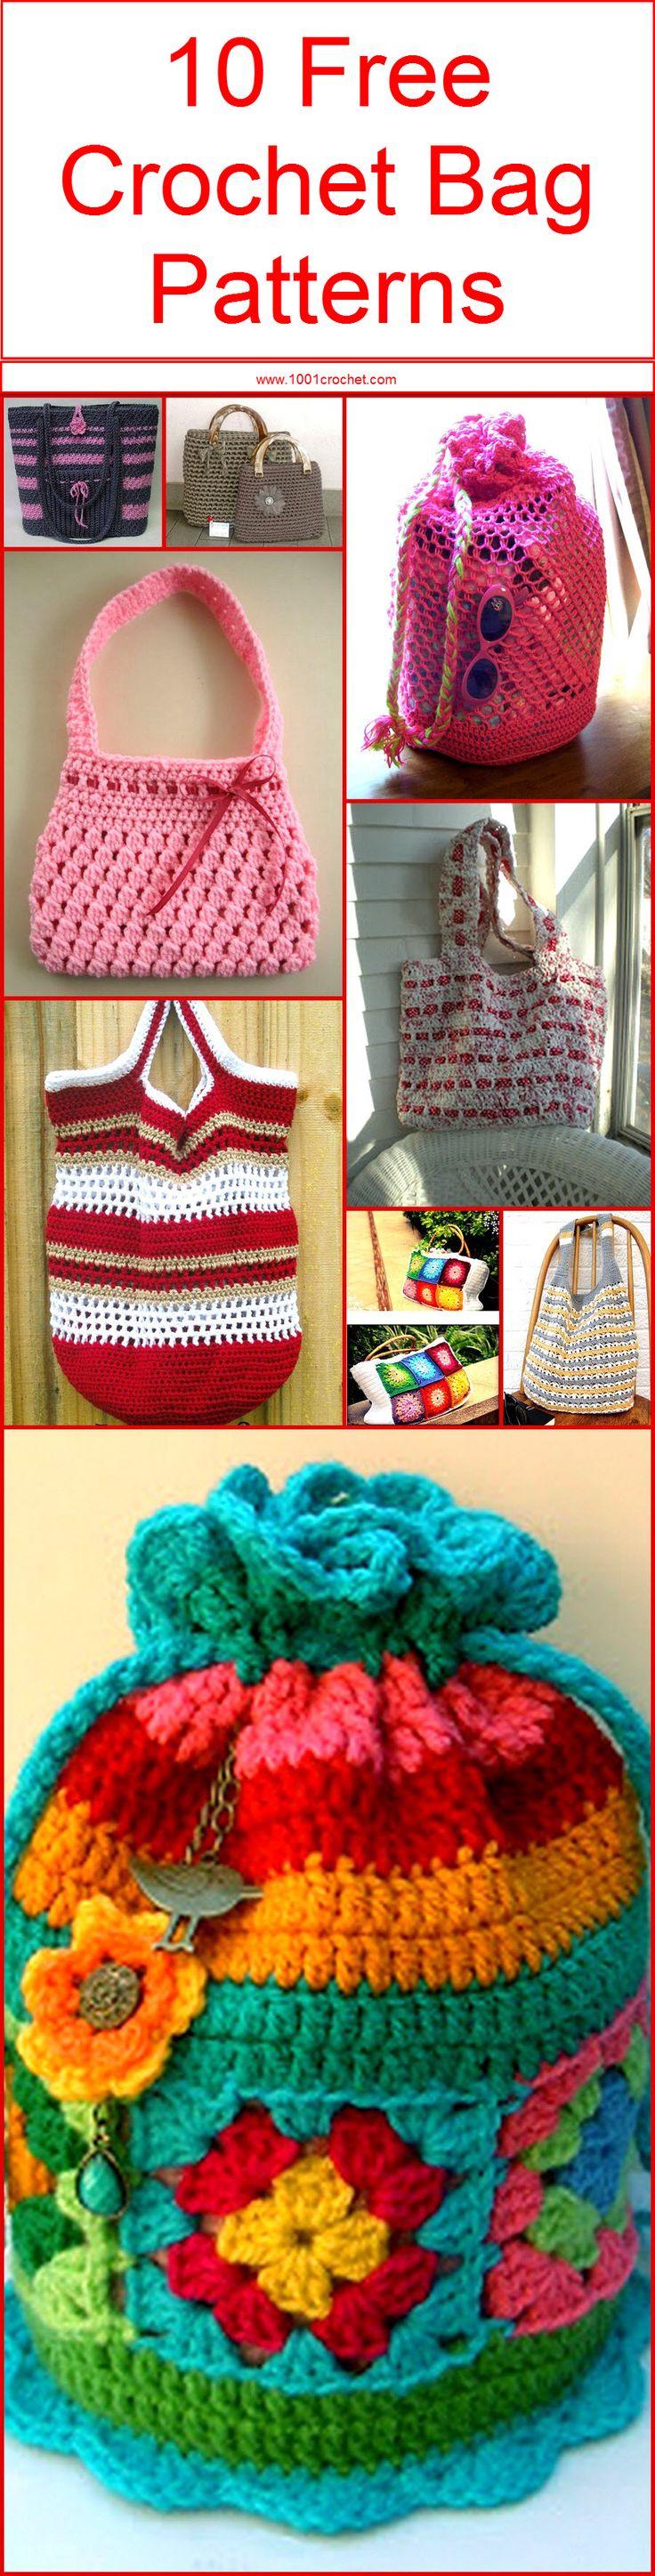 2134 besten Handmade Bags Bilder auf Pinterest   Wandteppiche ...